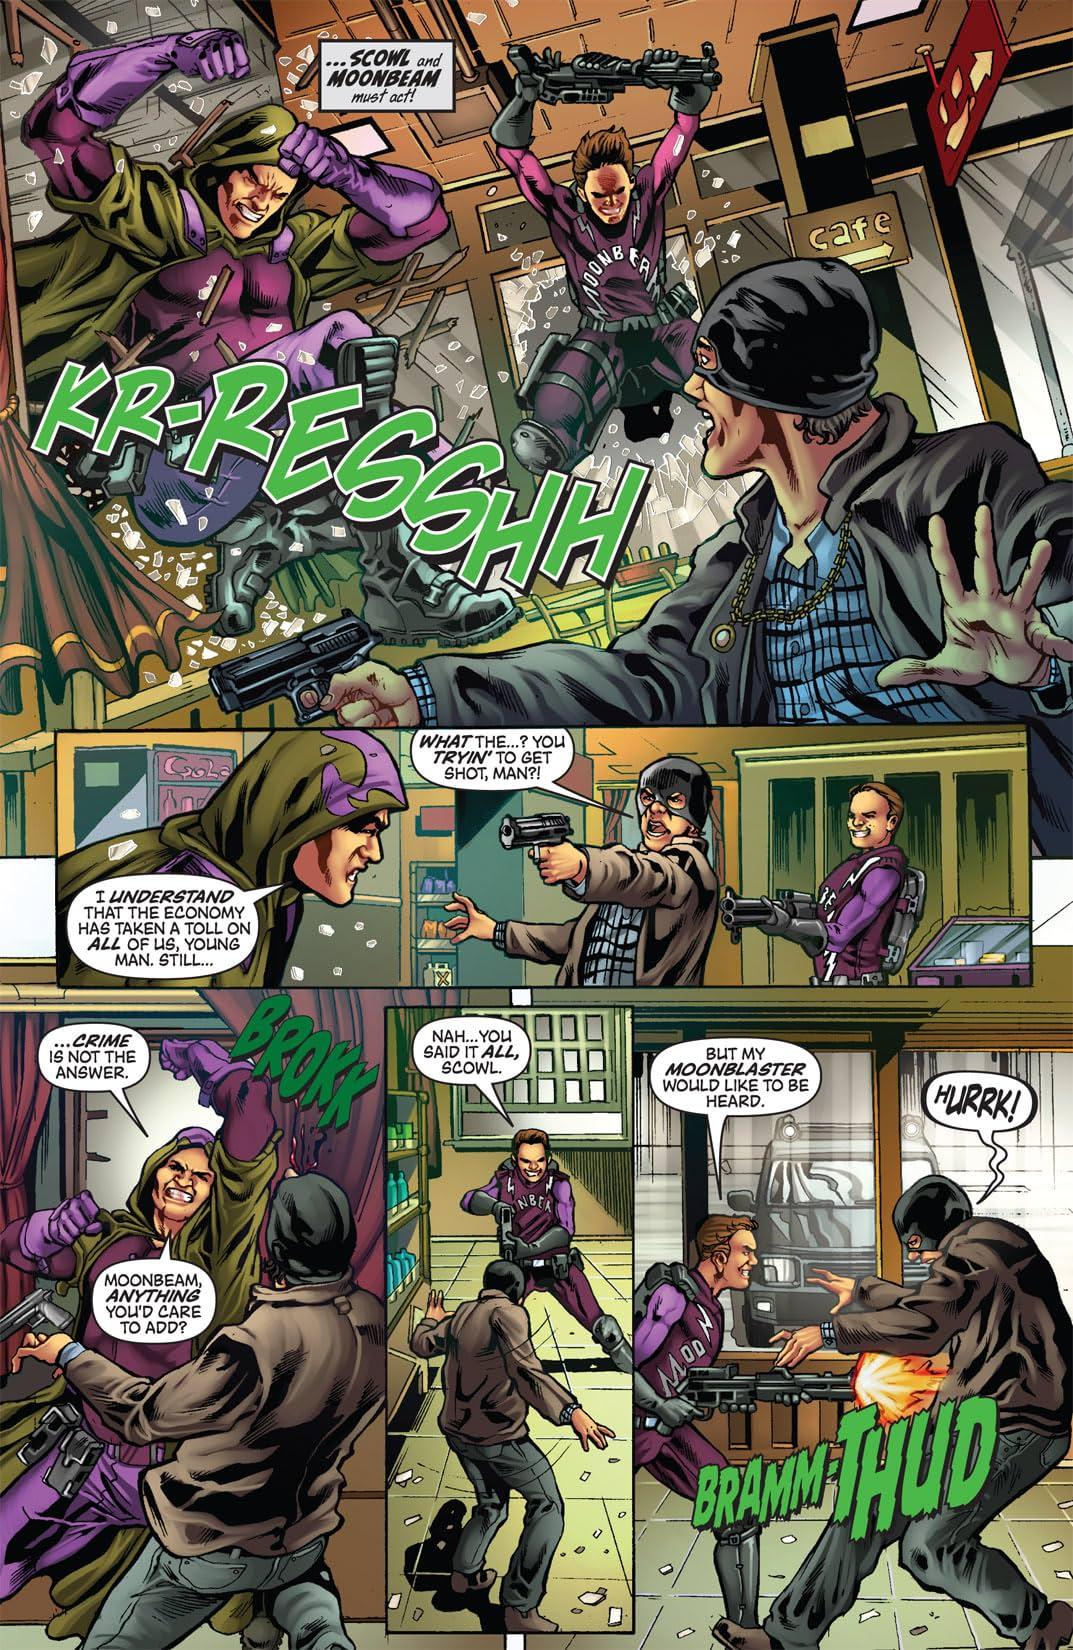 Green Hornet #16